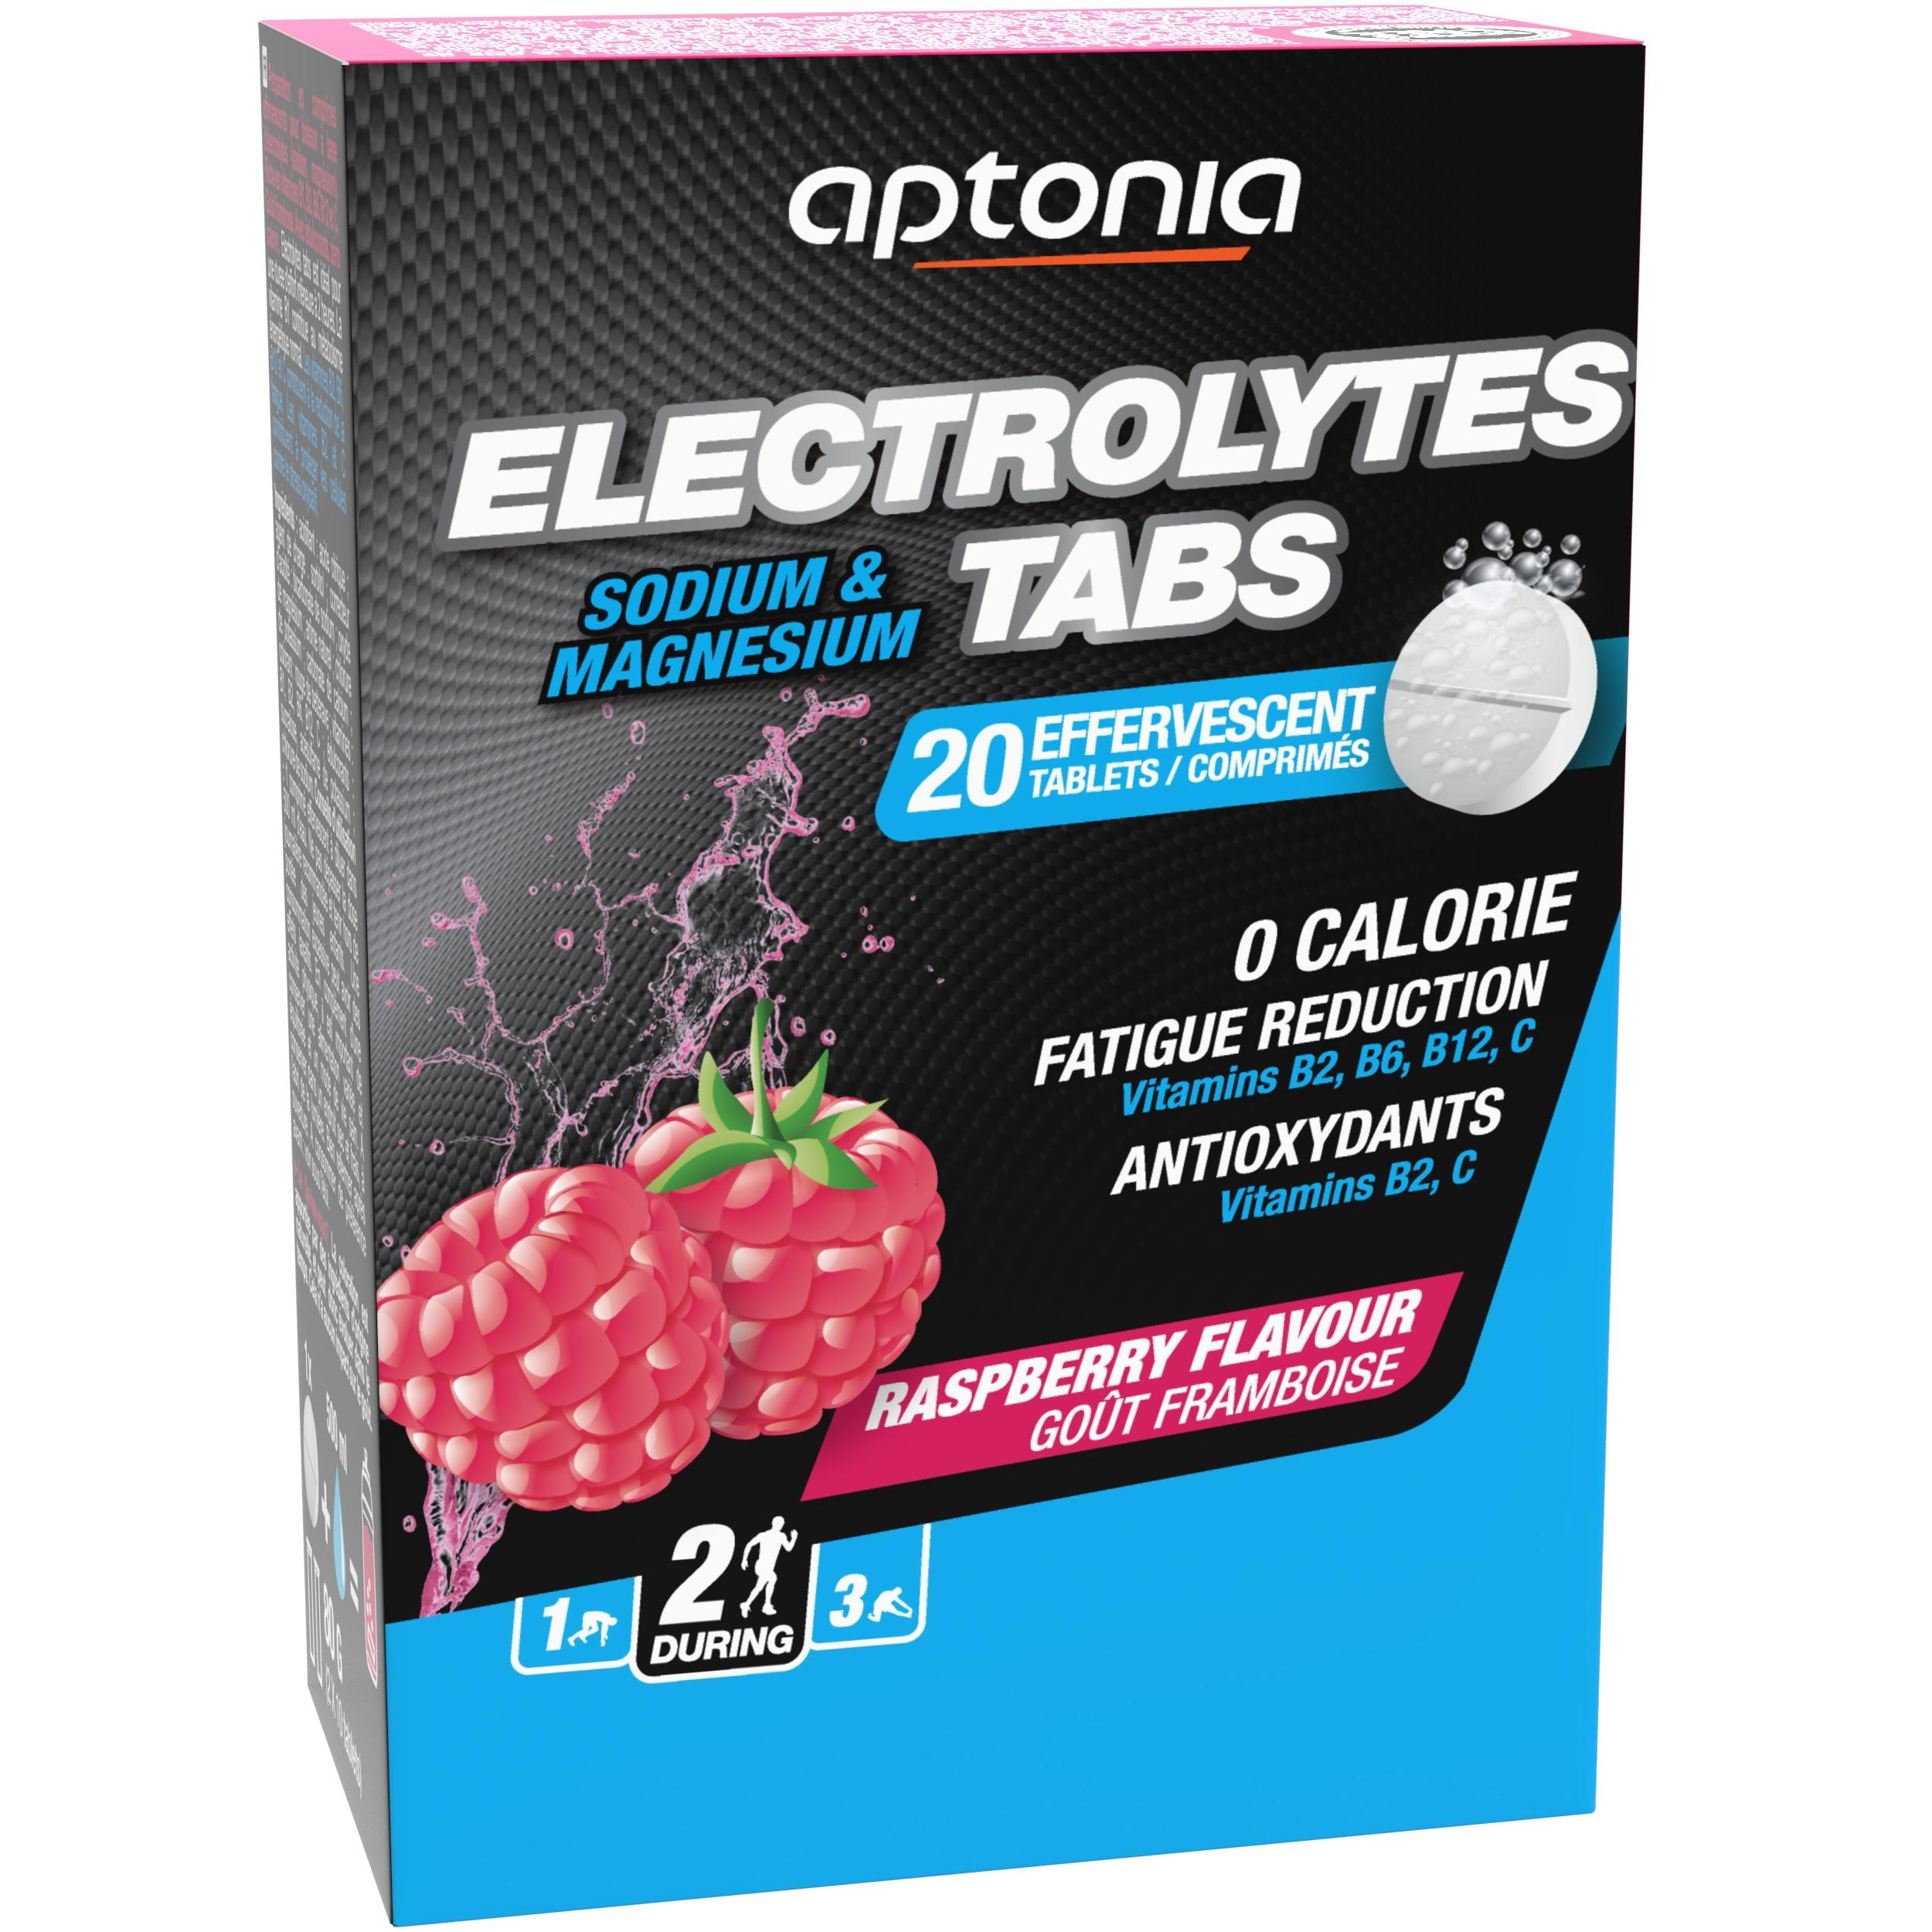 Băutură cu electroliți 20x4g